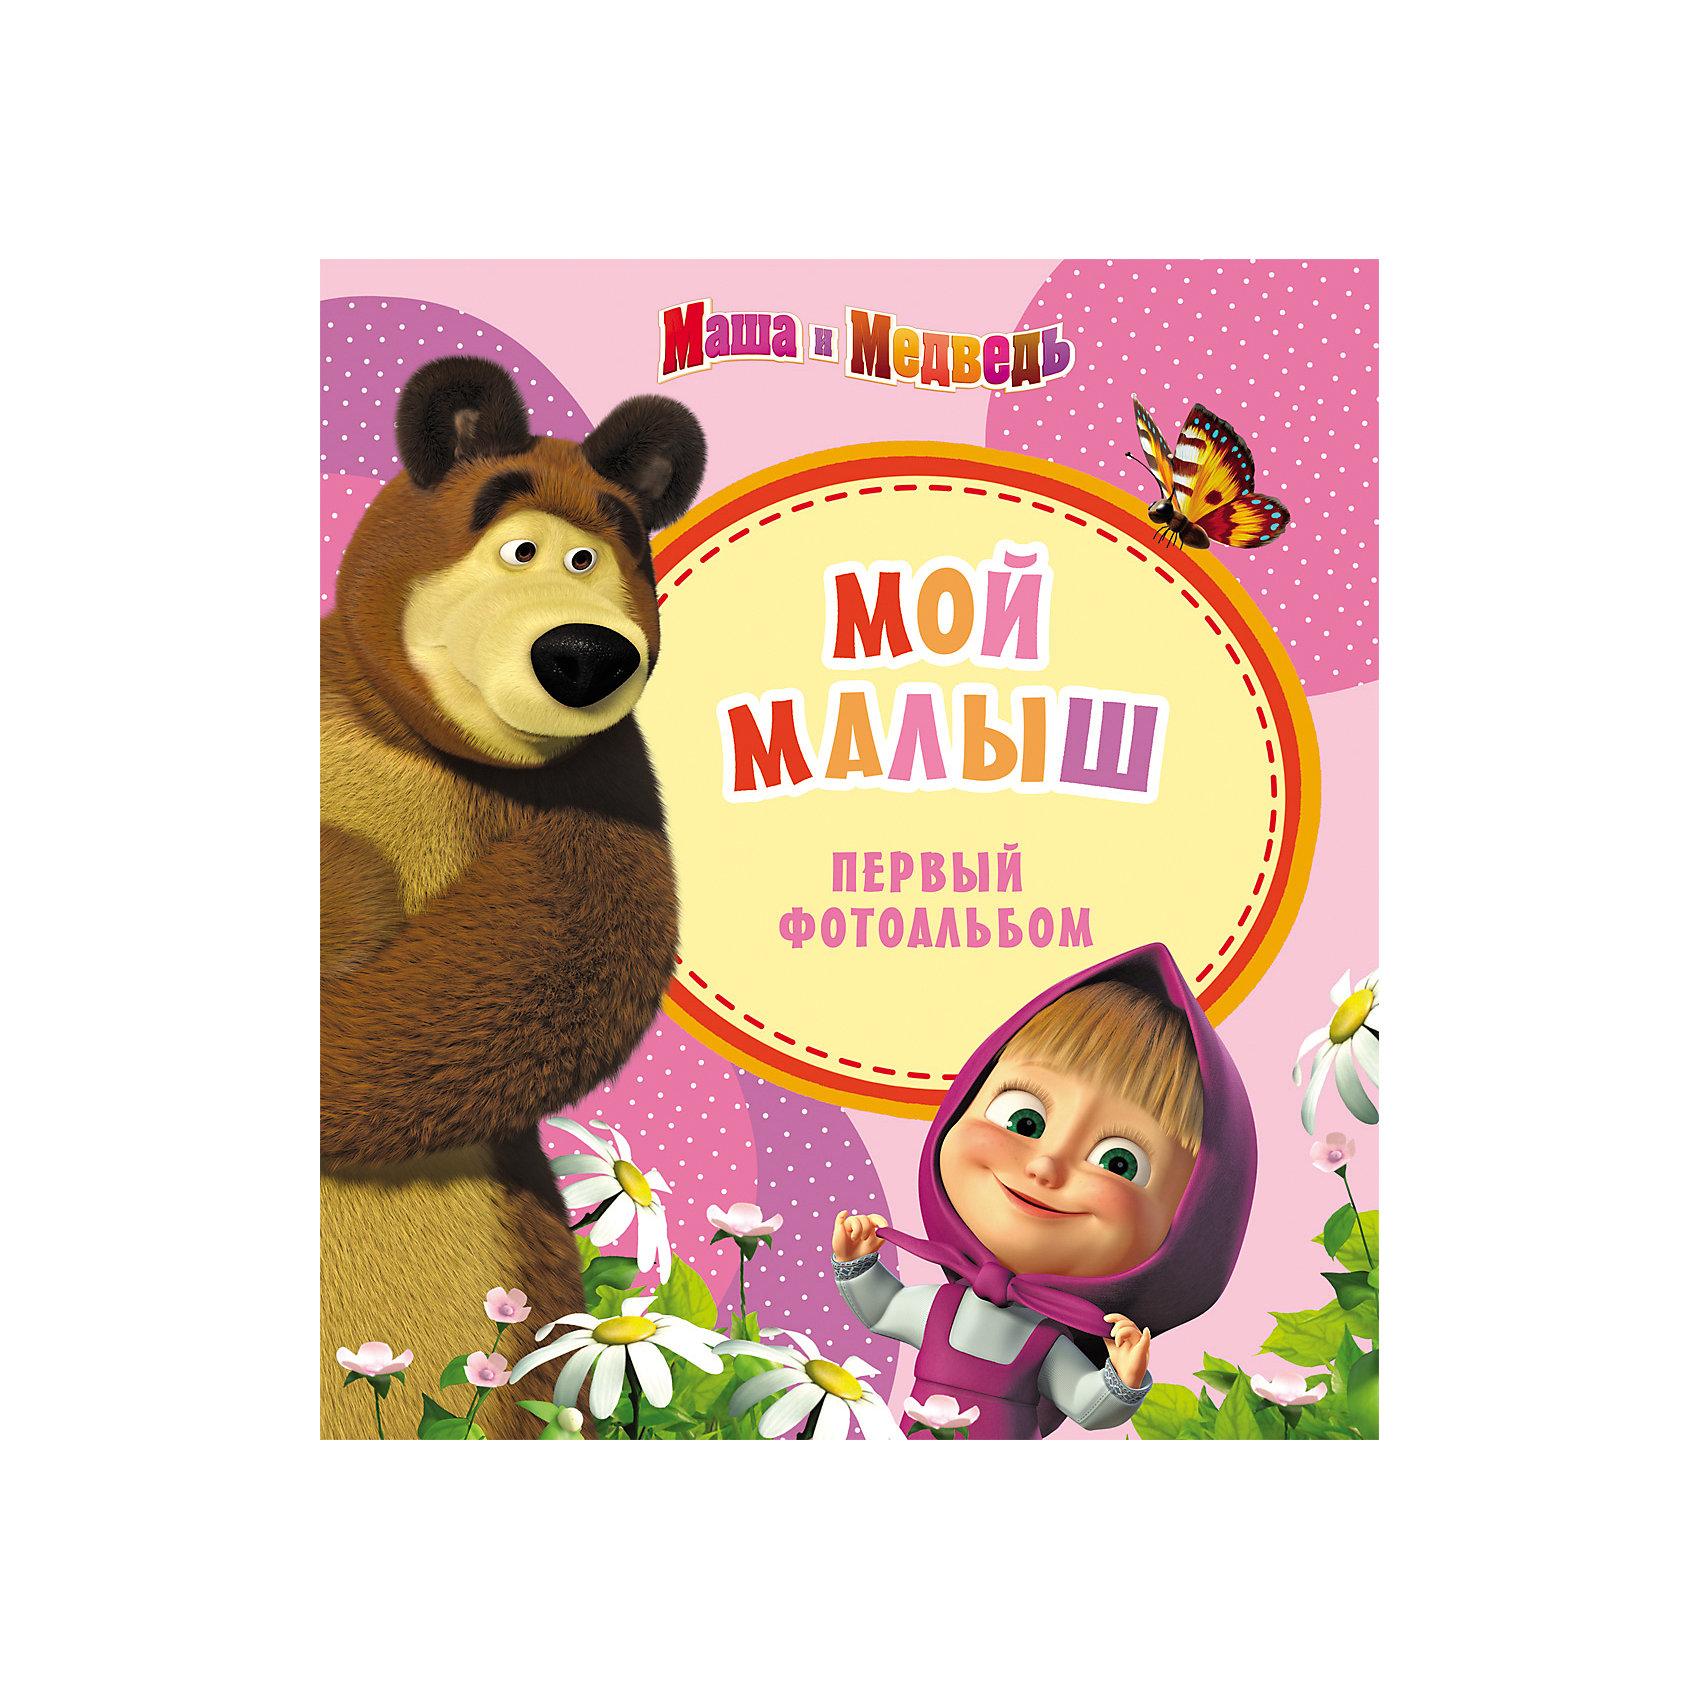 Первый фотоальбом Мой малыш, Маша и Медведь, розовыйАльбомы для новорожденного<br>Характеристики товара:<br><br>- цвет: розовый;<br>- материал: бумага, картон;<br>- количество страниц: 32;<br>- формат: 27,0 x 24,0 см;<br>- возраст: 0+.<br><br>С самого раннего возраста малыш стремительно развивается. Большинство его очень важных успехов, таких, как первые шаги или первое слово, забываются. Чтобы этого не произошло, можно приобрести первый альбом малыша, где кроме стандартных фотографий можно делать пометки, записывать истории и первые достижения малыша. Со временем альбом станет настоящей реликвией и ценной вещью уже взрослого человека. Все материалы, использованные при производстве издания, соответствуют всем стандартам качества и безопасности. <br><br>Издание Фотоальбом Мой малыш (розовый), Маша и медведь от компании Росмэн можно приобрести в нашем интернет-магазине.<br><br>Ширина мм: 240<br>Глубина мм: 266<br>Высота мм: 7<br>Вес г: 370<br>Возраст от месяцев: 24<br>Возраст до месяцев: 36<br>Пол: Женский<br>Возраст: Детский<br>SKU: 3177422